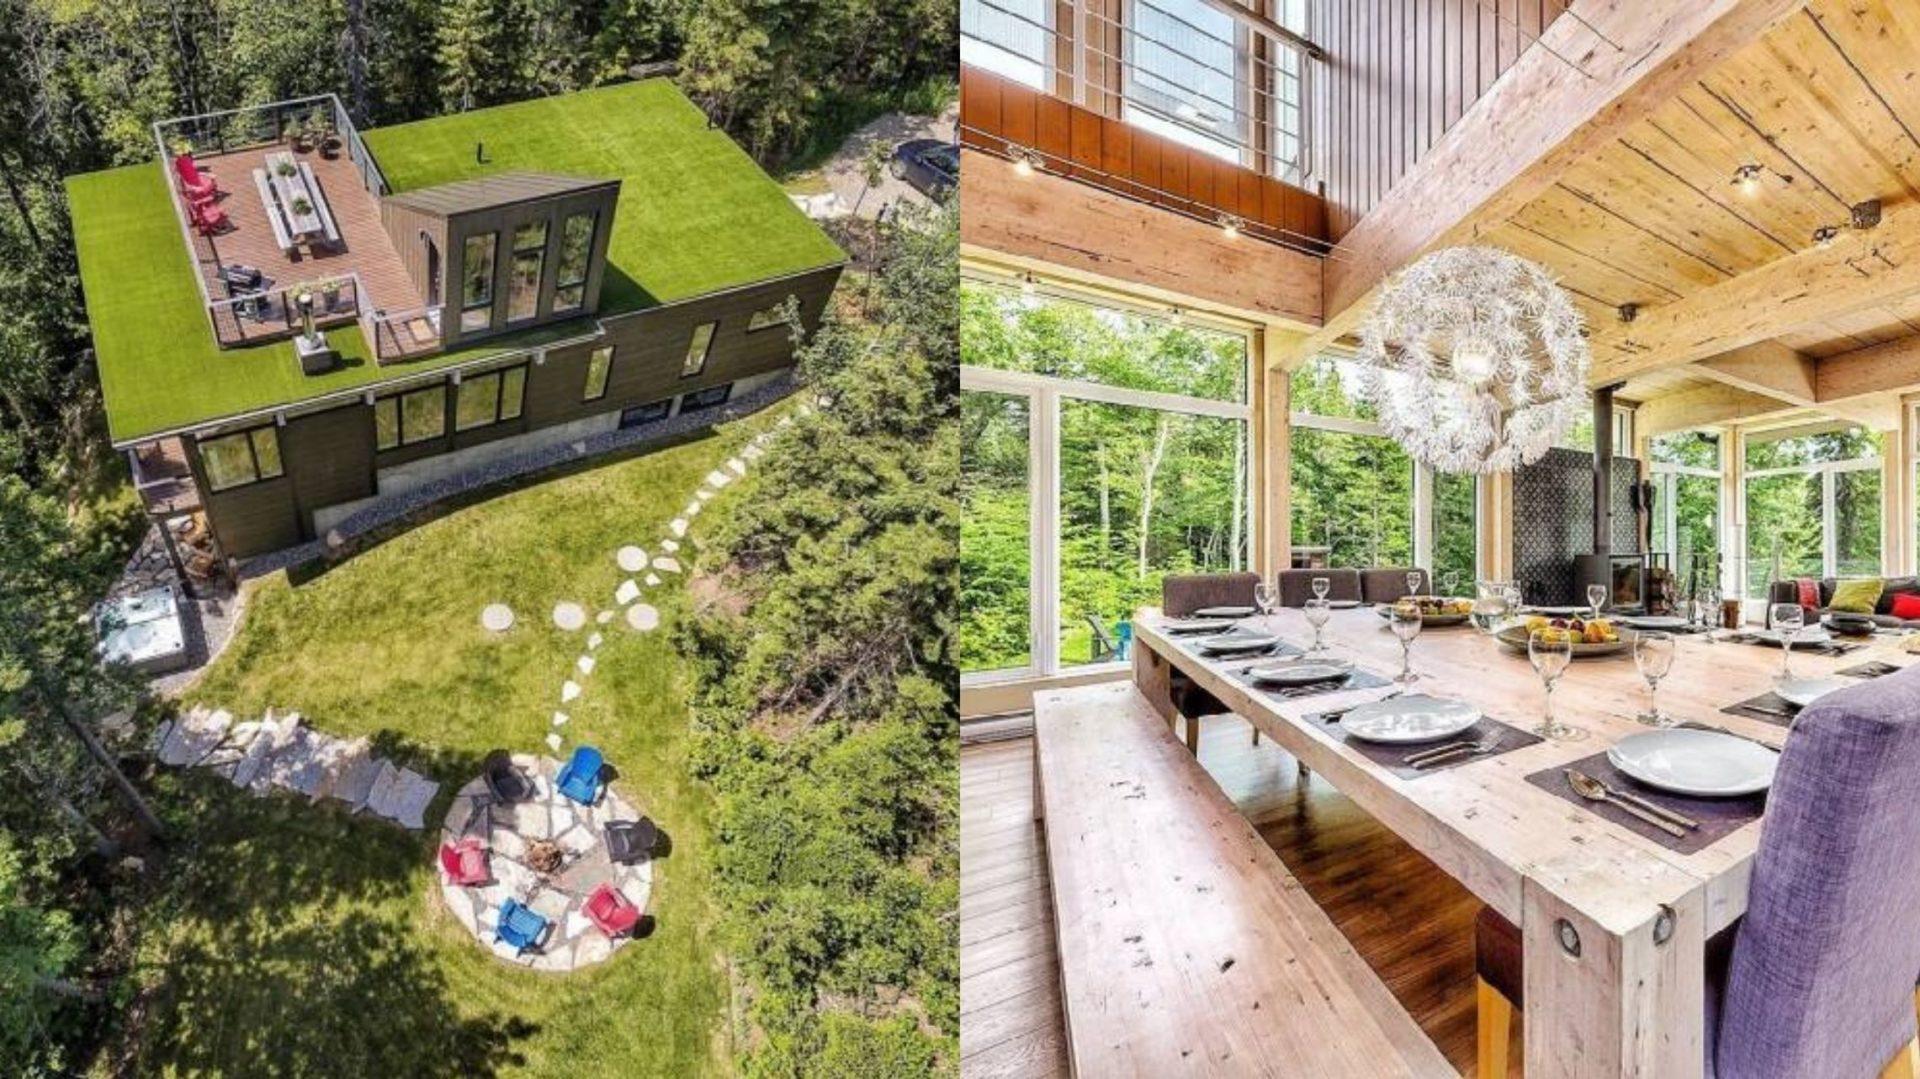 Cette superbe maison de Charlevoix au design unique est en vente au prix de 799 000$! [PHOTOS]